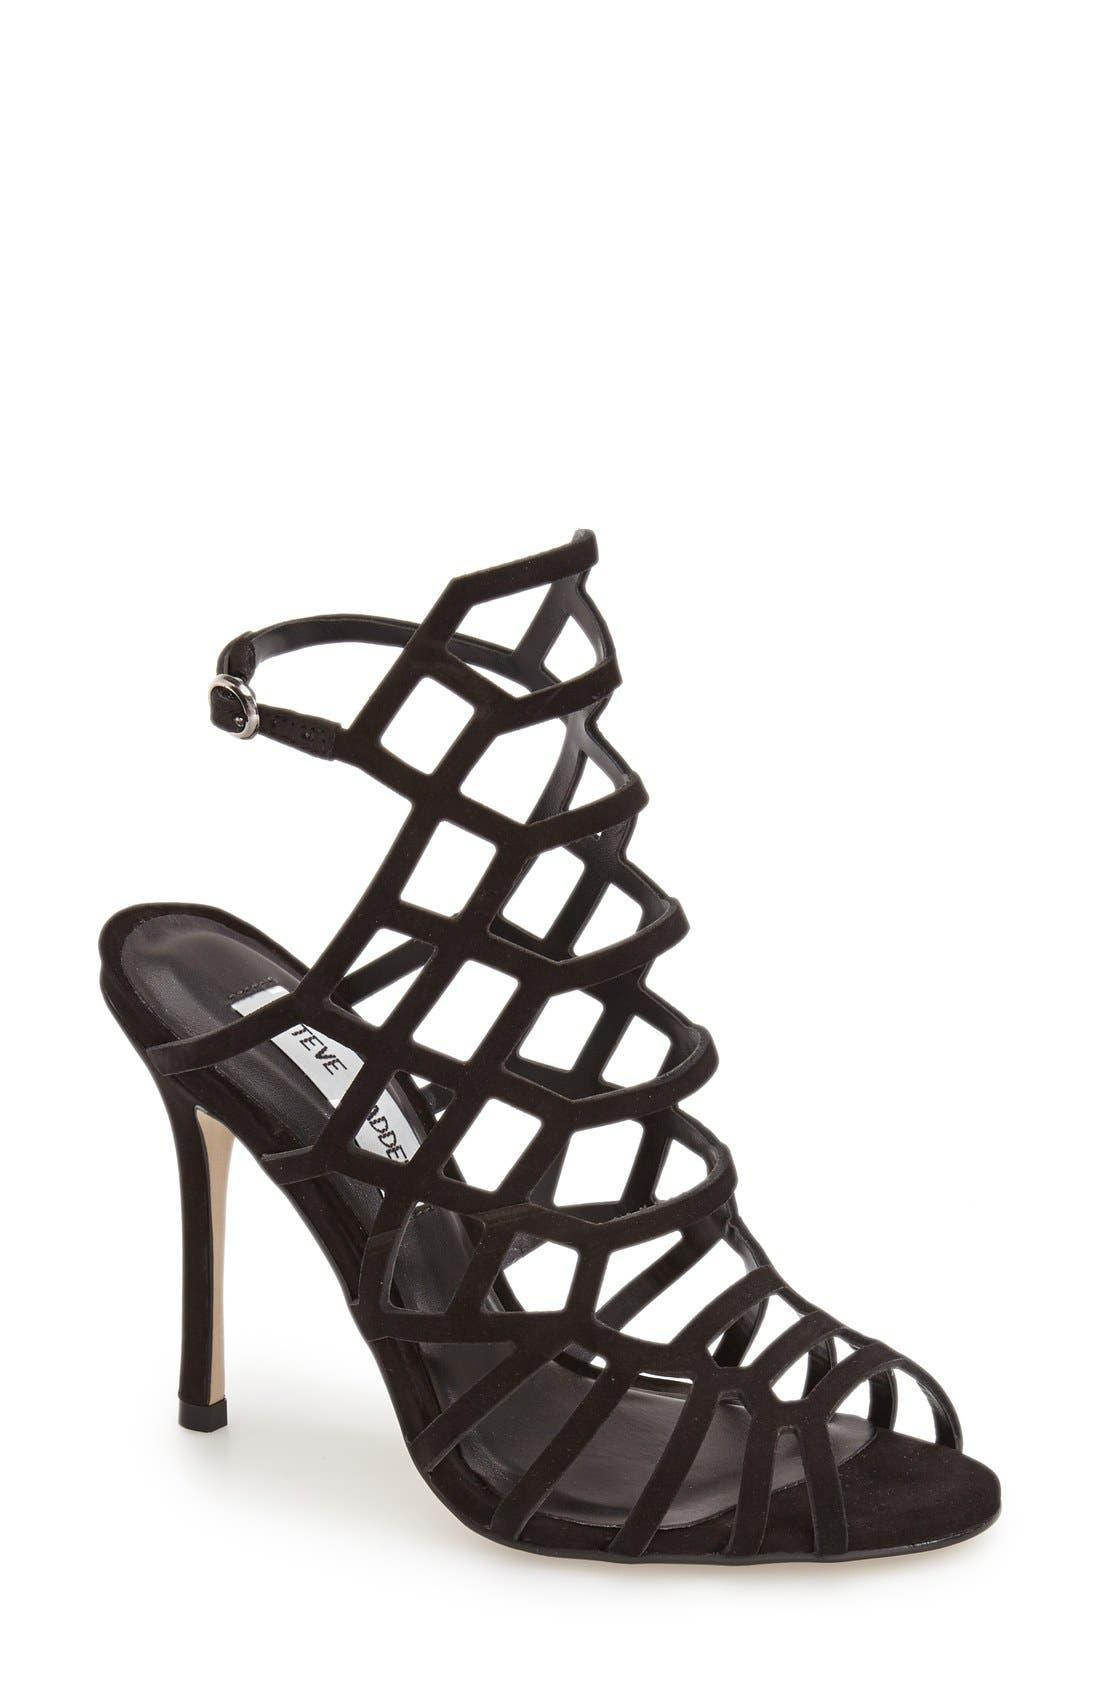 Alternate Image 1 Selected - Steve Madden 'Slithur' Sandal (Women)